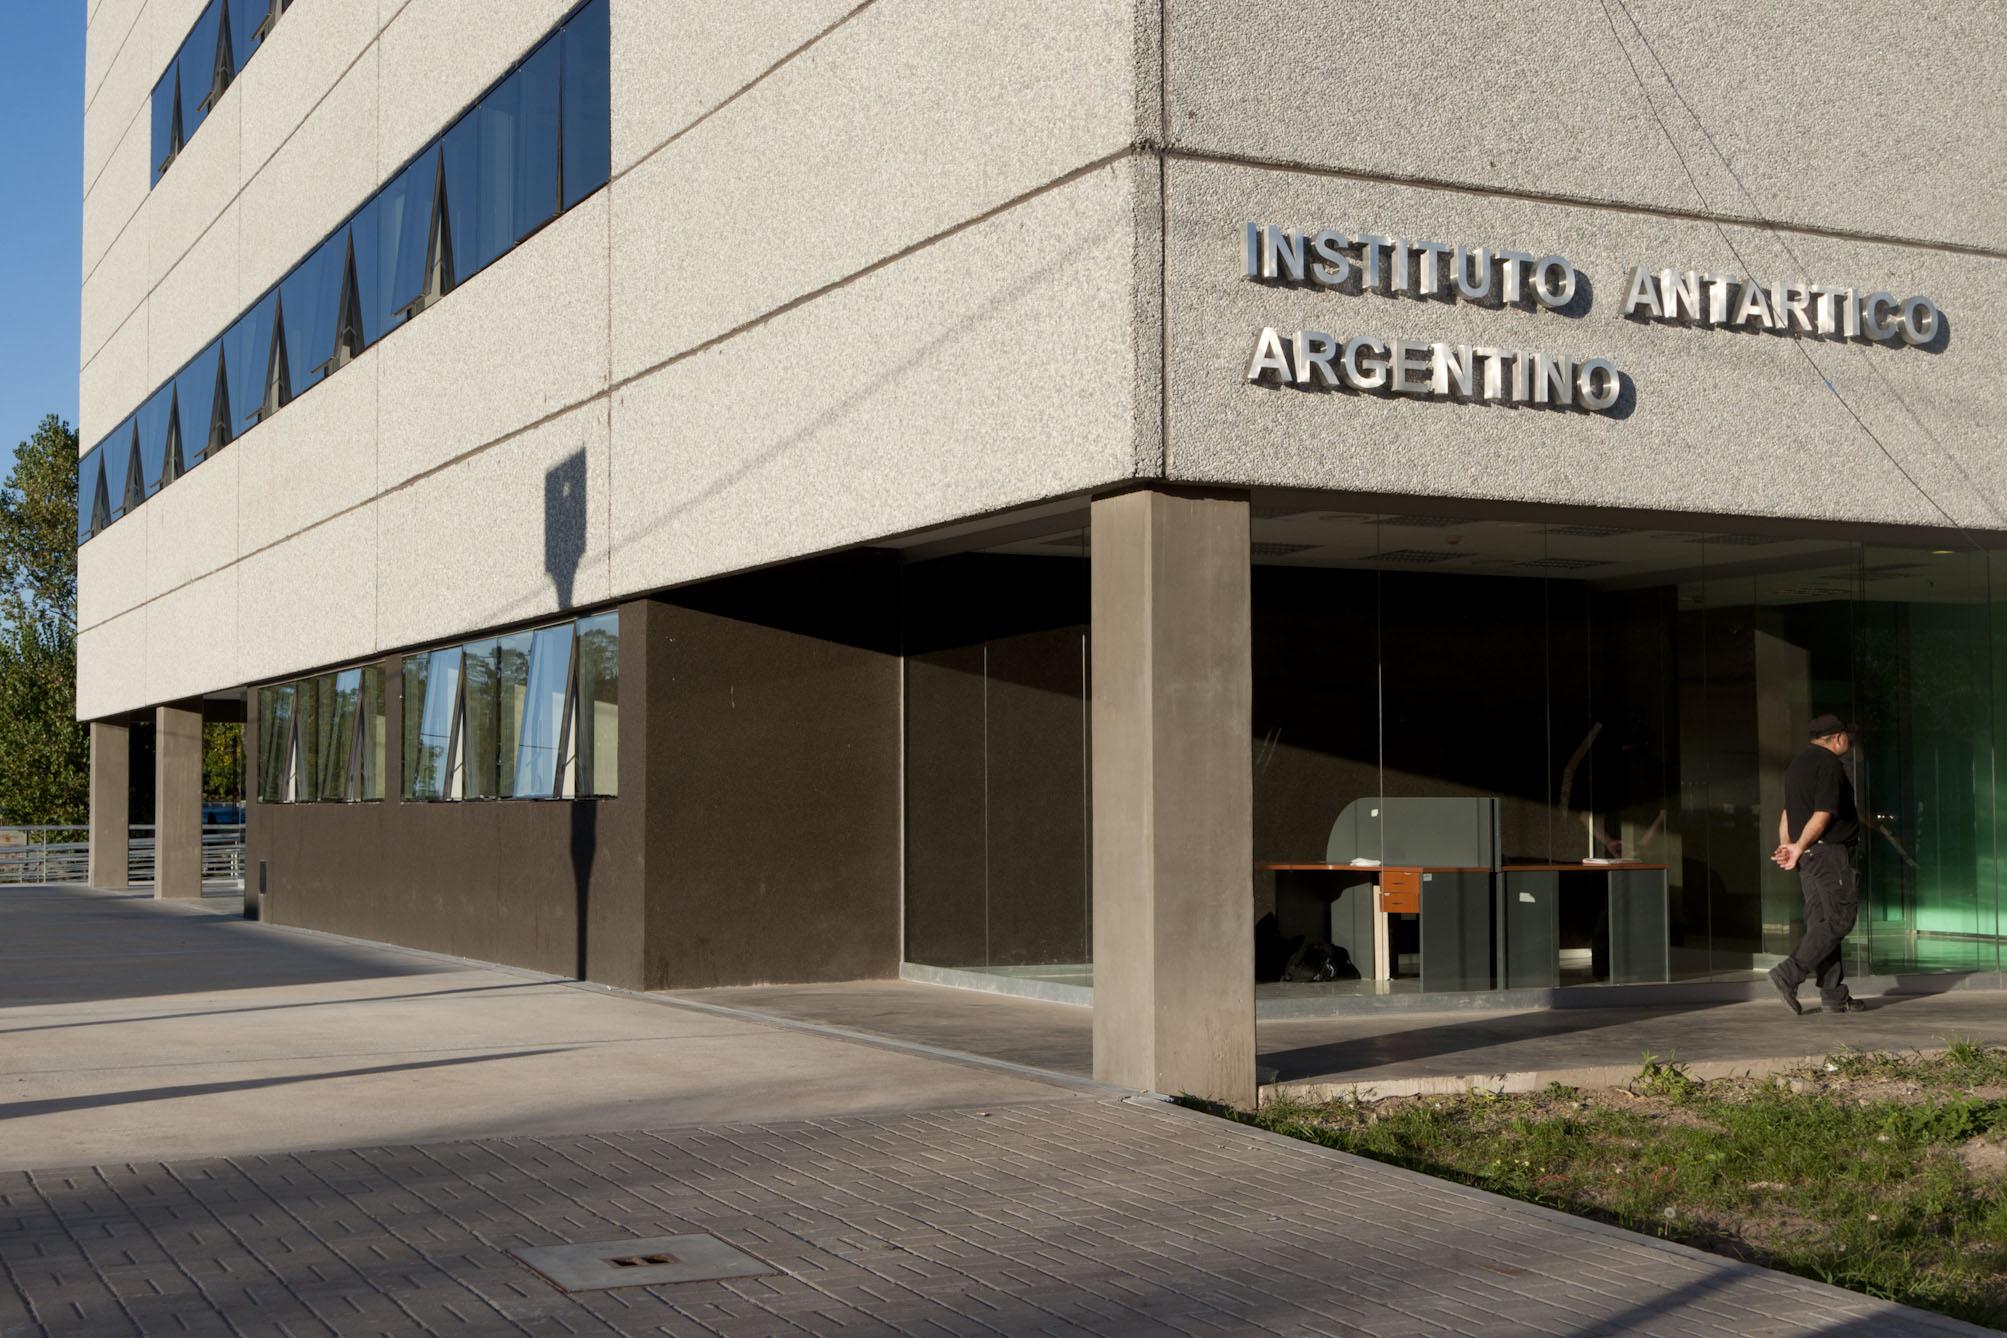 Instituto Antártico Argentino. Fuente: Ministerio de Ciencia, Tecnología e Innovación Productiva.